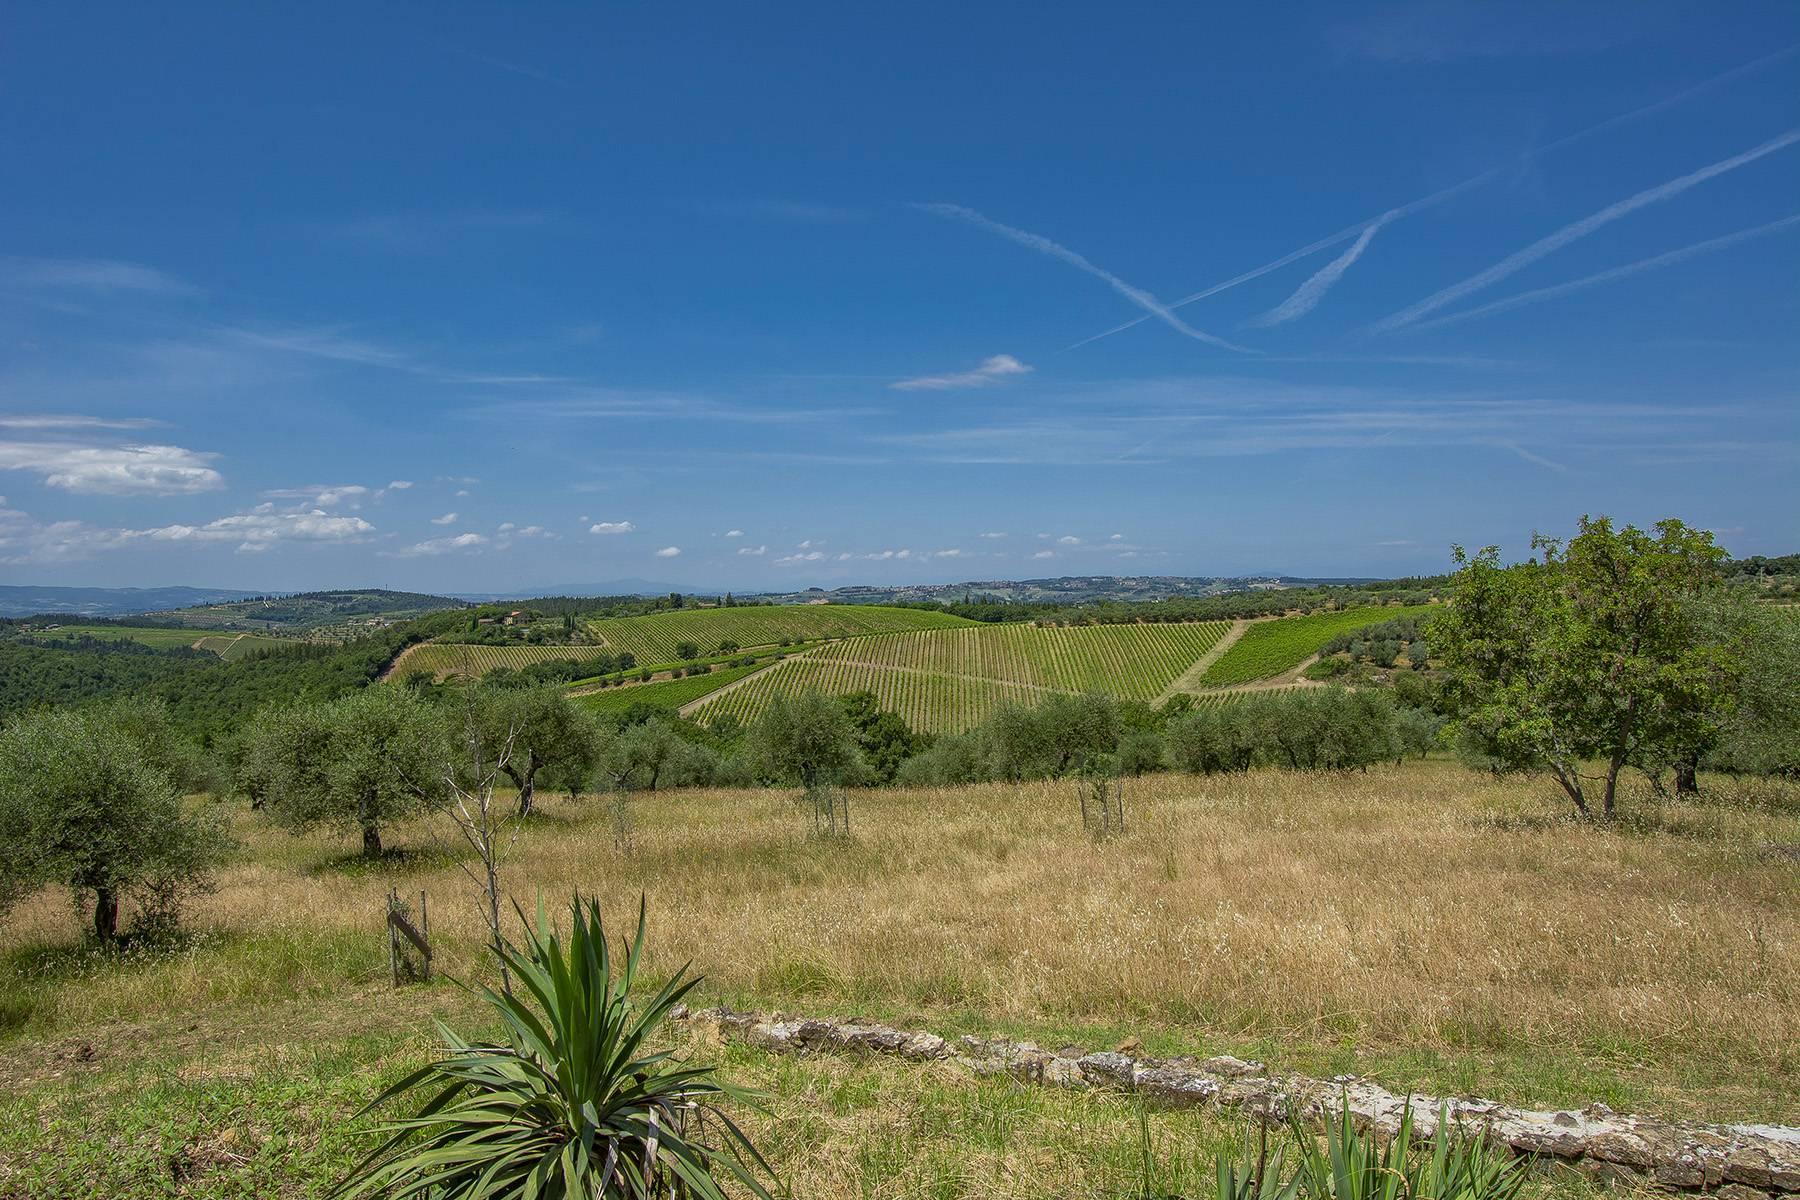 Panorama-Bauernhaus mit Bio-Chianti-Ölproduktion - 27